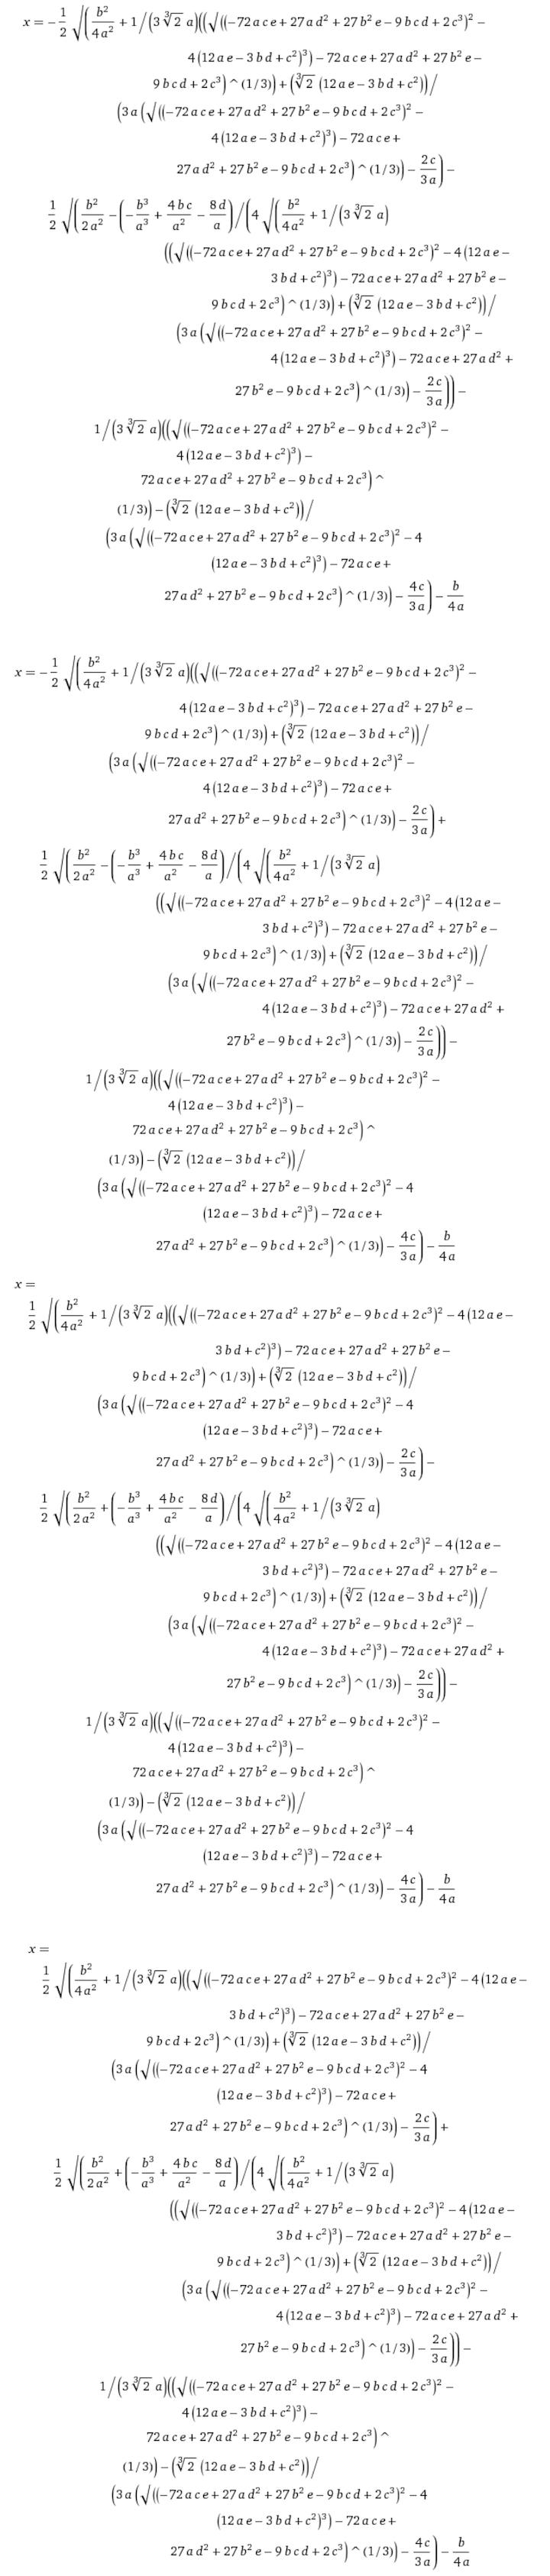 四次方程式の解の公式